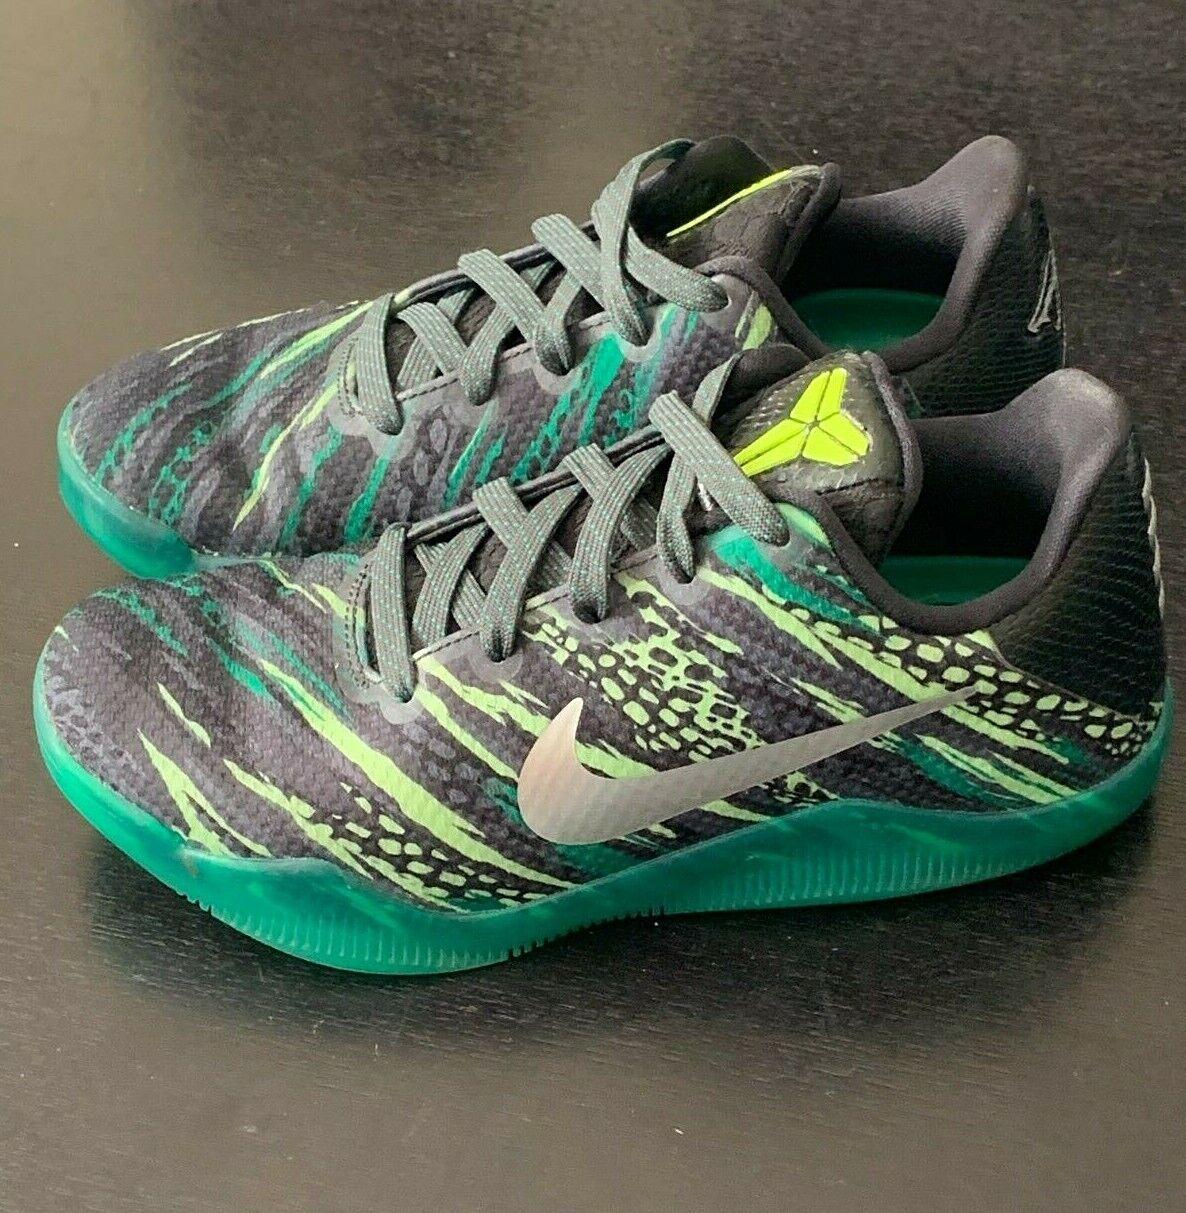 Nike Kobe XI GS 11 Bryant Green Snake